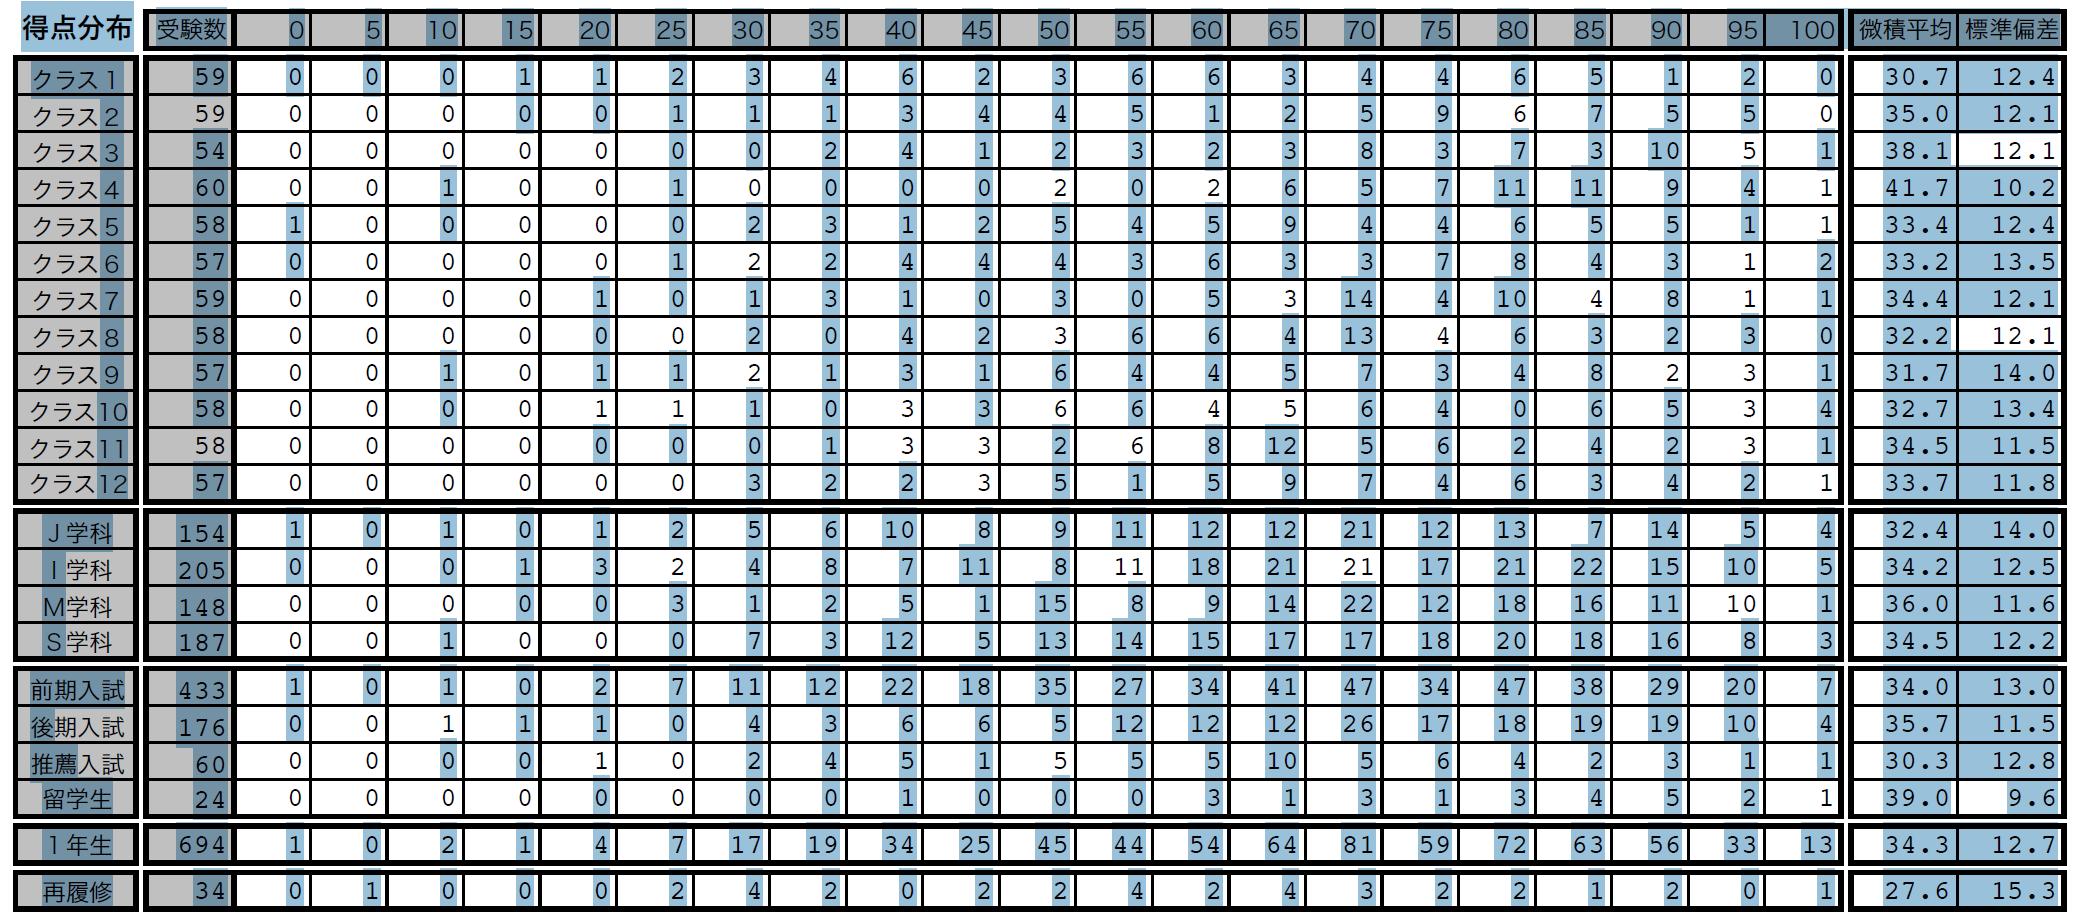 崩れる表の例